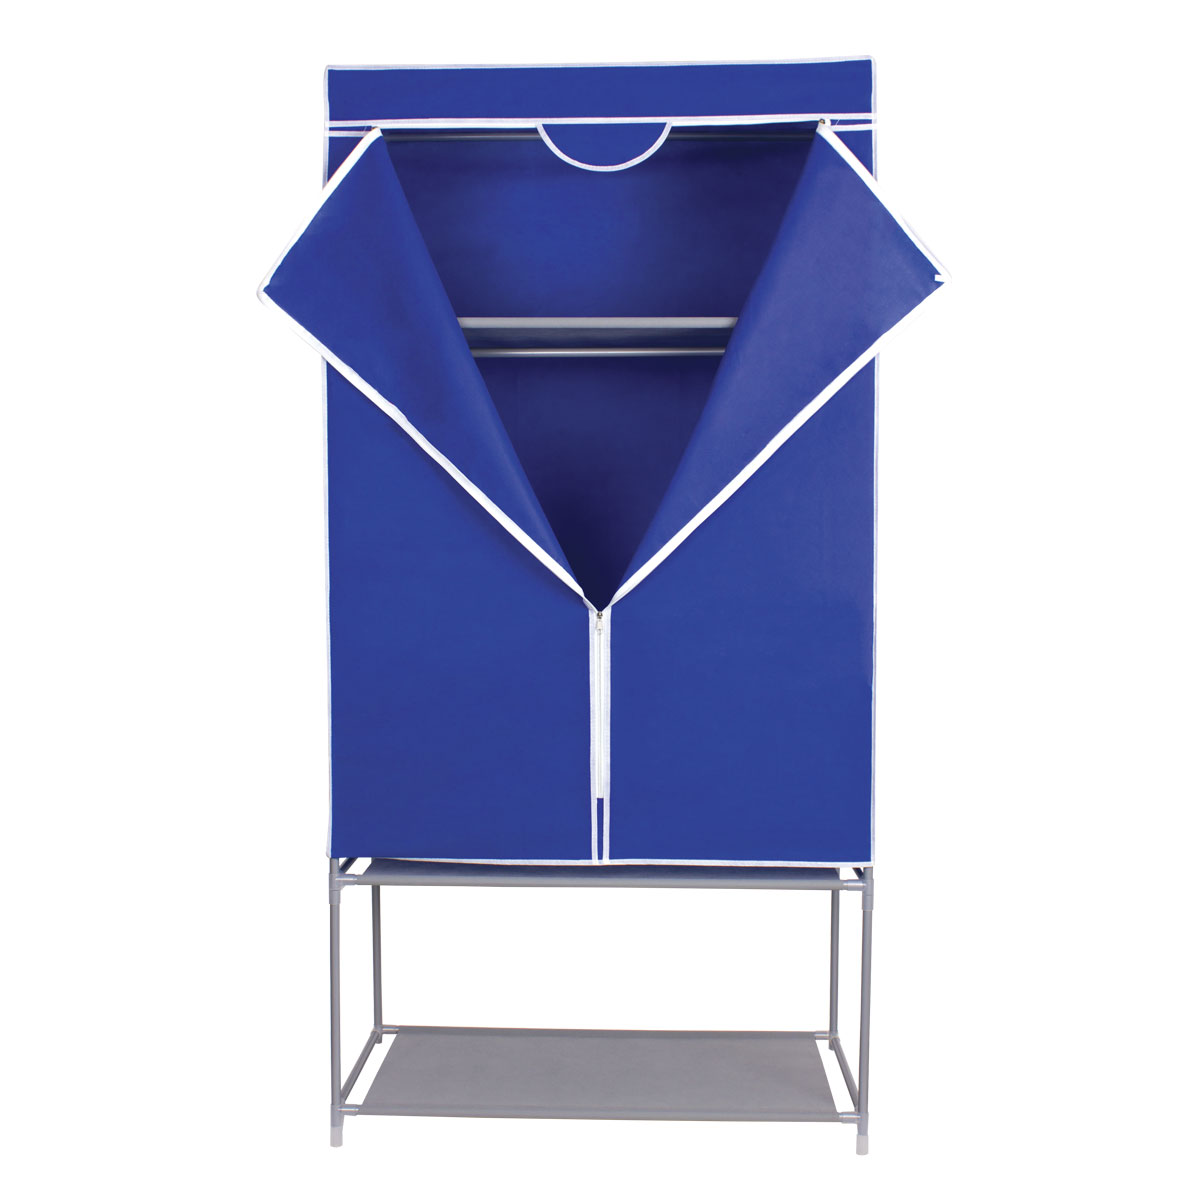 Гардероб для хранения одежды Miolla, цвет: синий, 175 х 87 х 46 смFS-80423Гардероб Miolla - это идеальное решение для хранения одежды, обуви и аксессуаров. Само изделие выполнено из нетканого материала, а каркас - из прочного металла, благодаря чему изделие не деформируется и отлично сохраняет форму. Гардероб имеет перекладину, верхнюю полку и полку для обуви. Такой гардероб поможет с легкостью организовать пространство в шкафу или гардеробе.